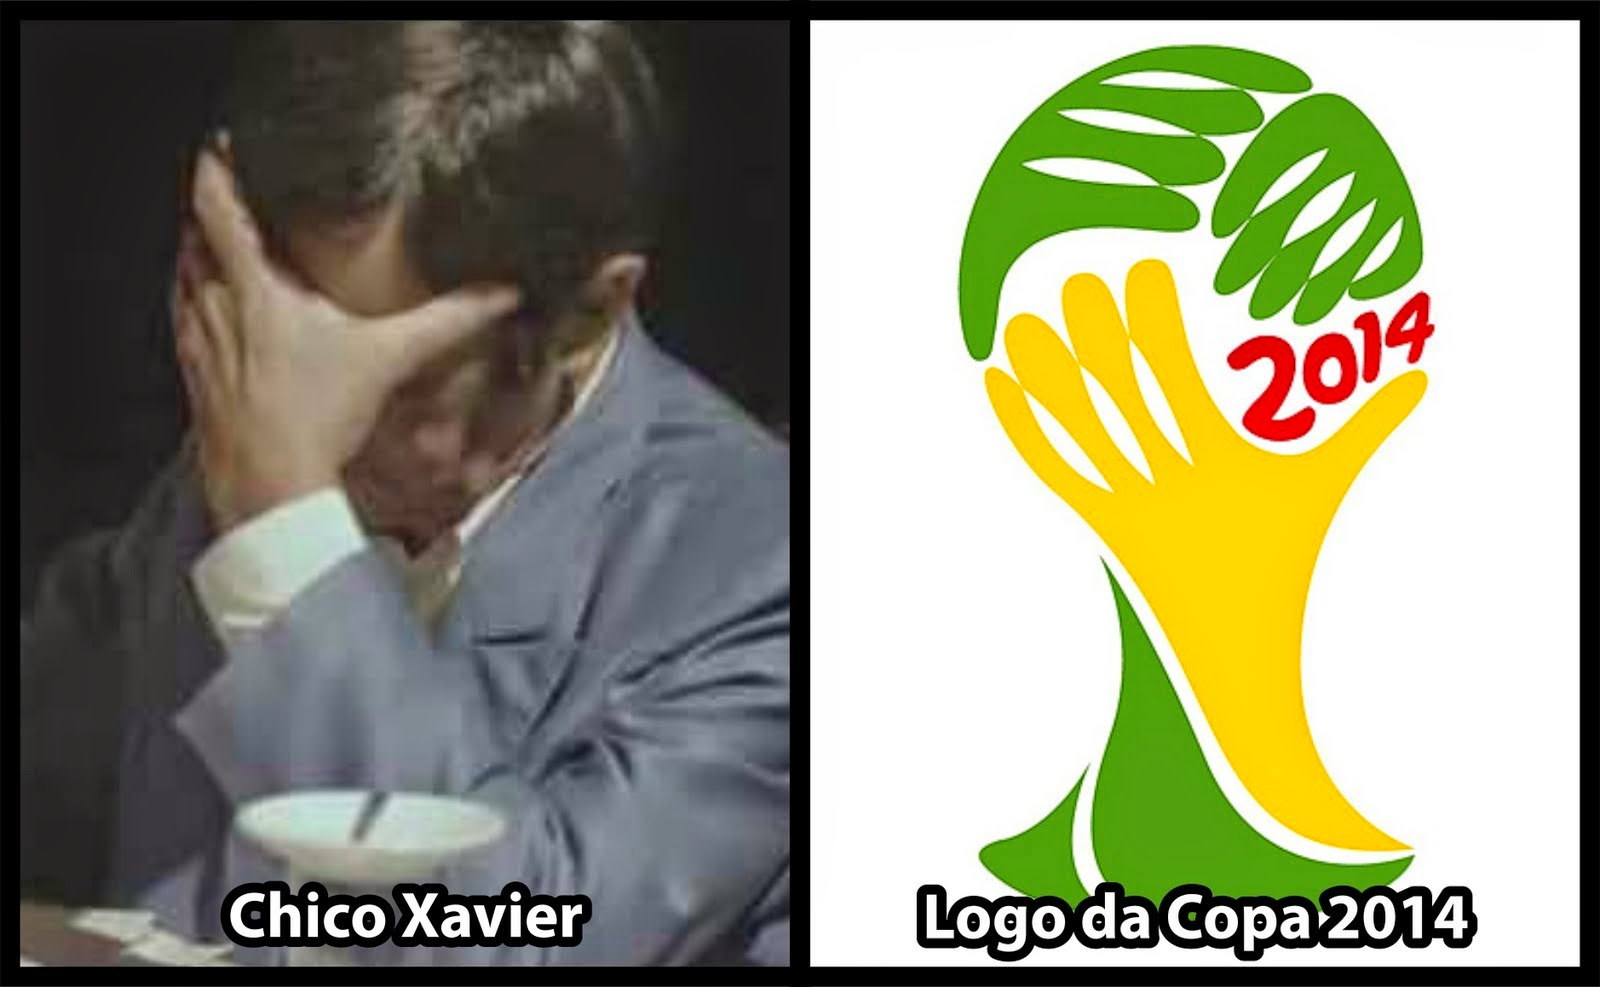 Simbolo da copa do mundo do BRASIL tem raízes da religião espírita.